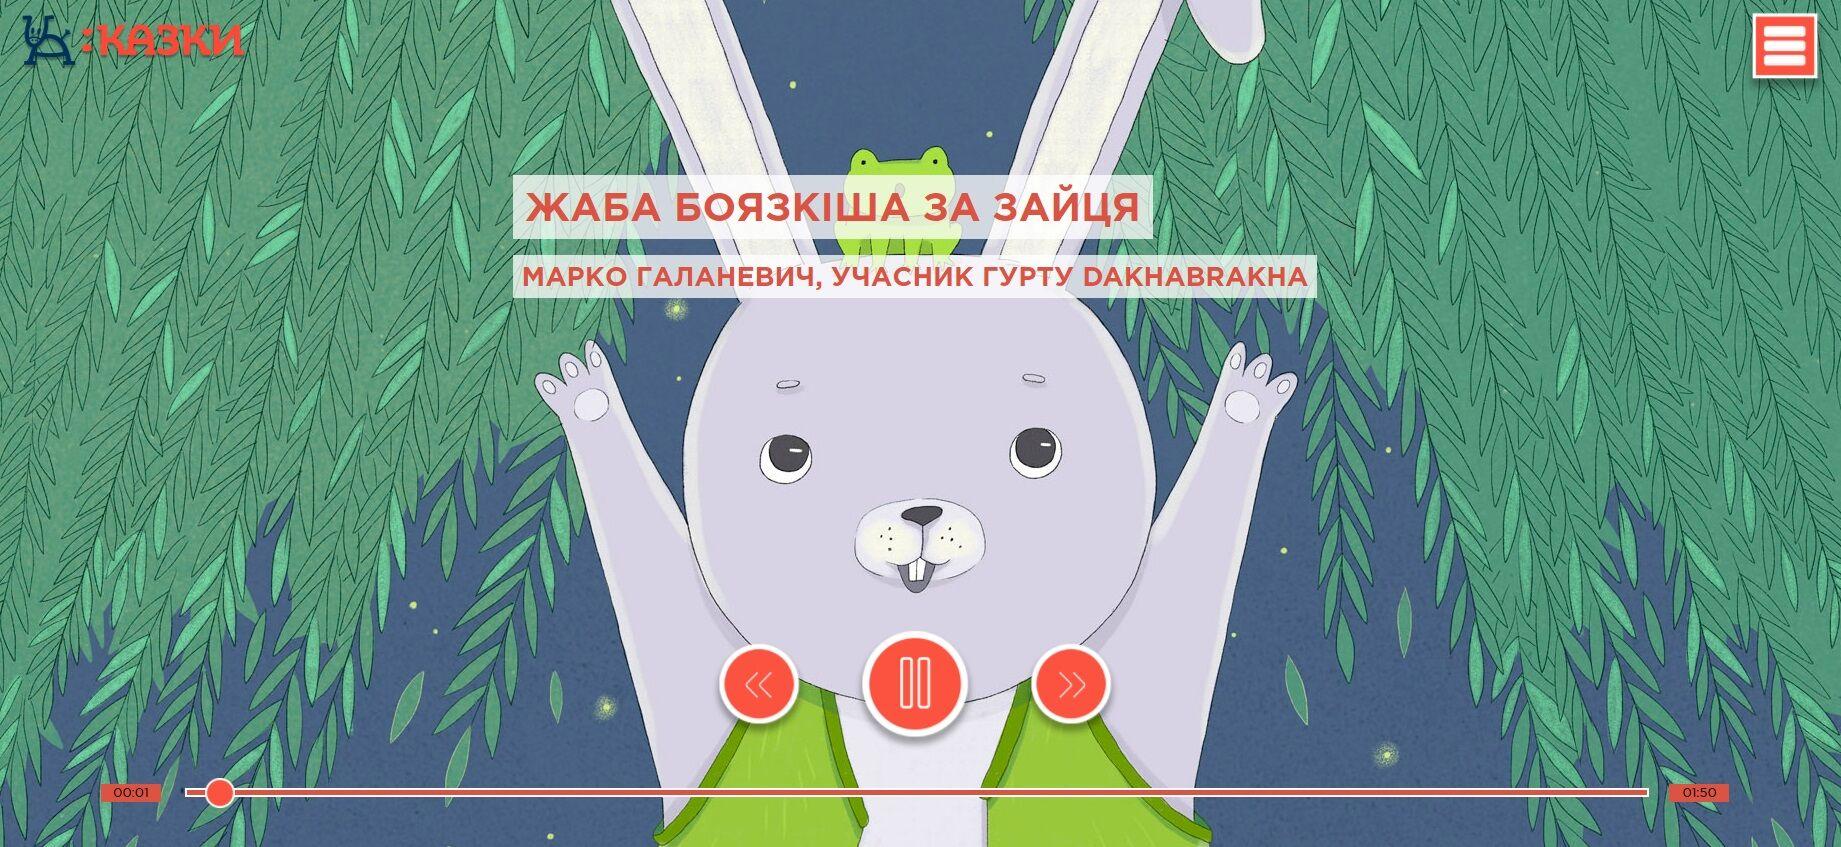 У мережі з'явились українські аудіоказки, начитані відомими артистами